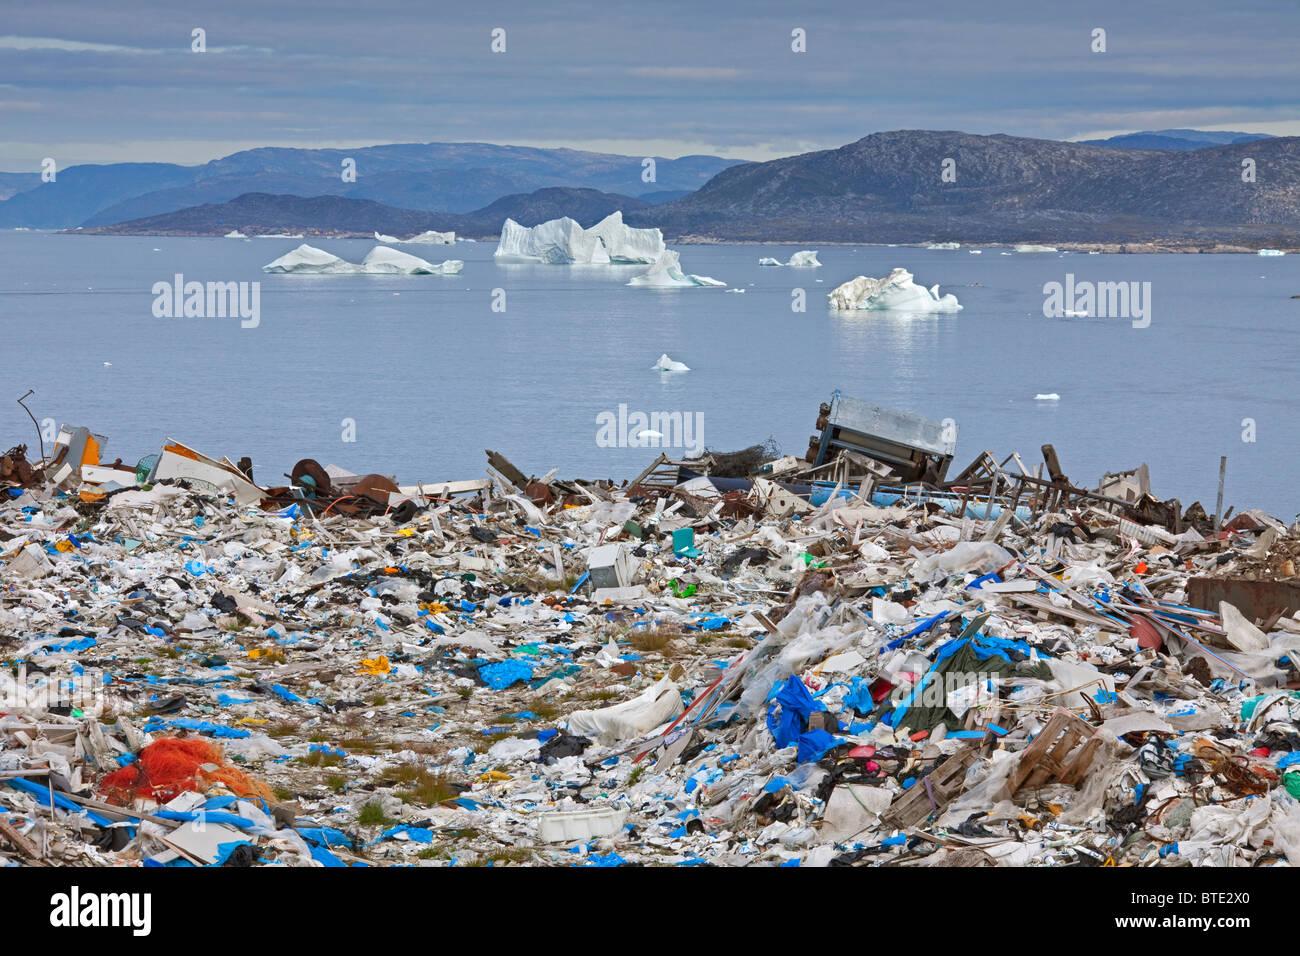 Müll auf Müllkippe und Eisberge in Ilulissat / Jakobshavn, Disko-Bucht, Grönland Stockbild